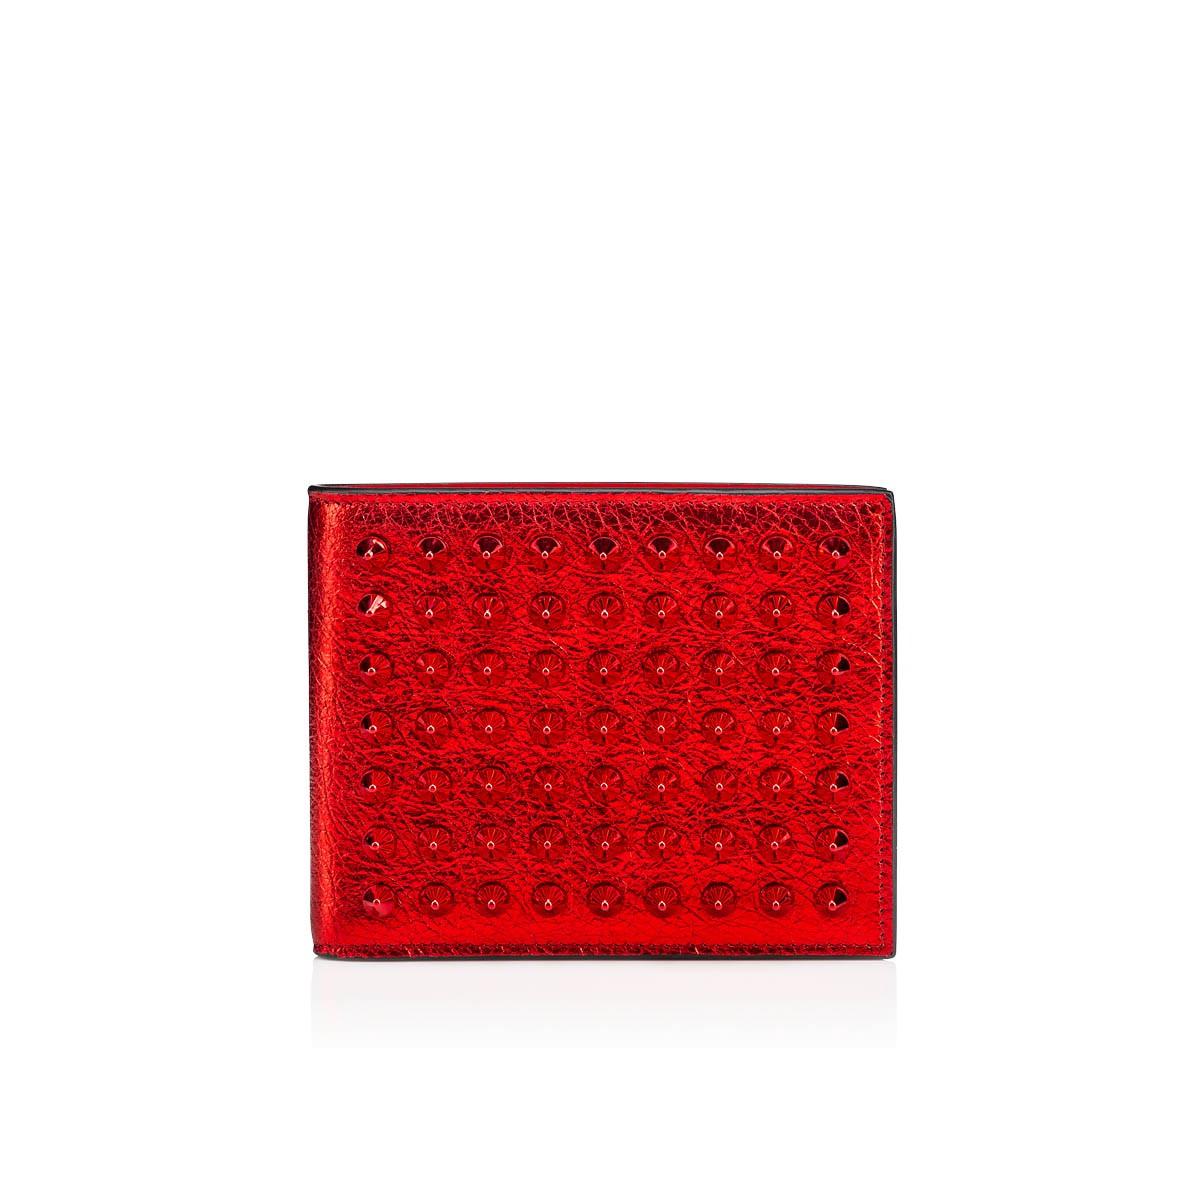 饰品 - M Coolcard Creative Leather - Christian Louboutin